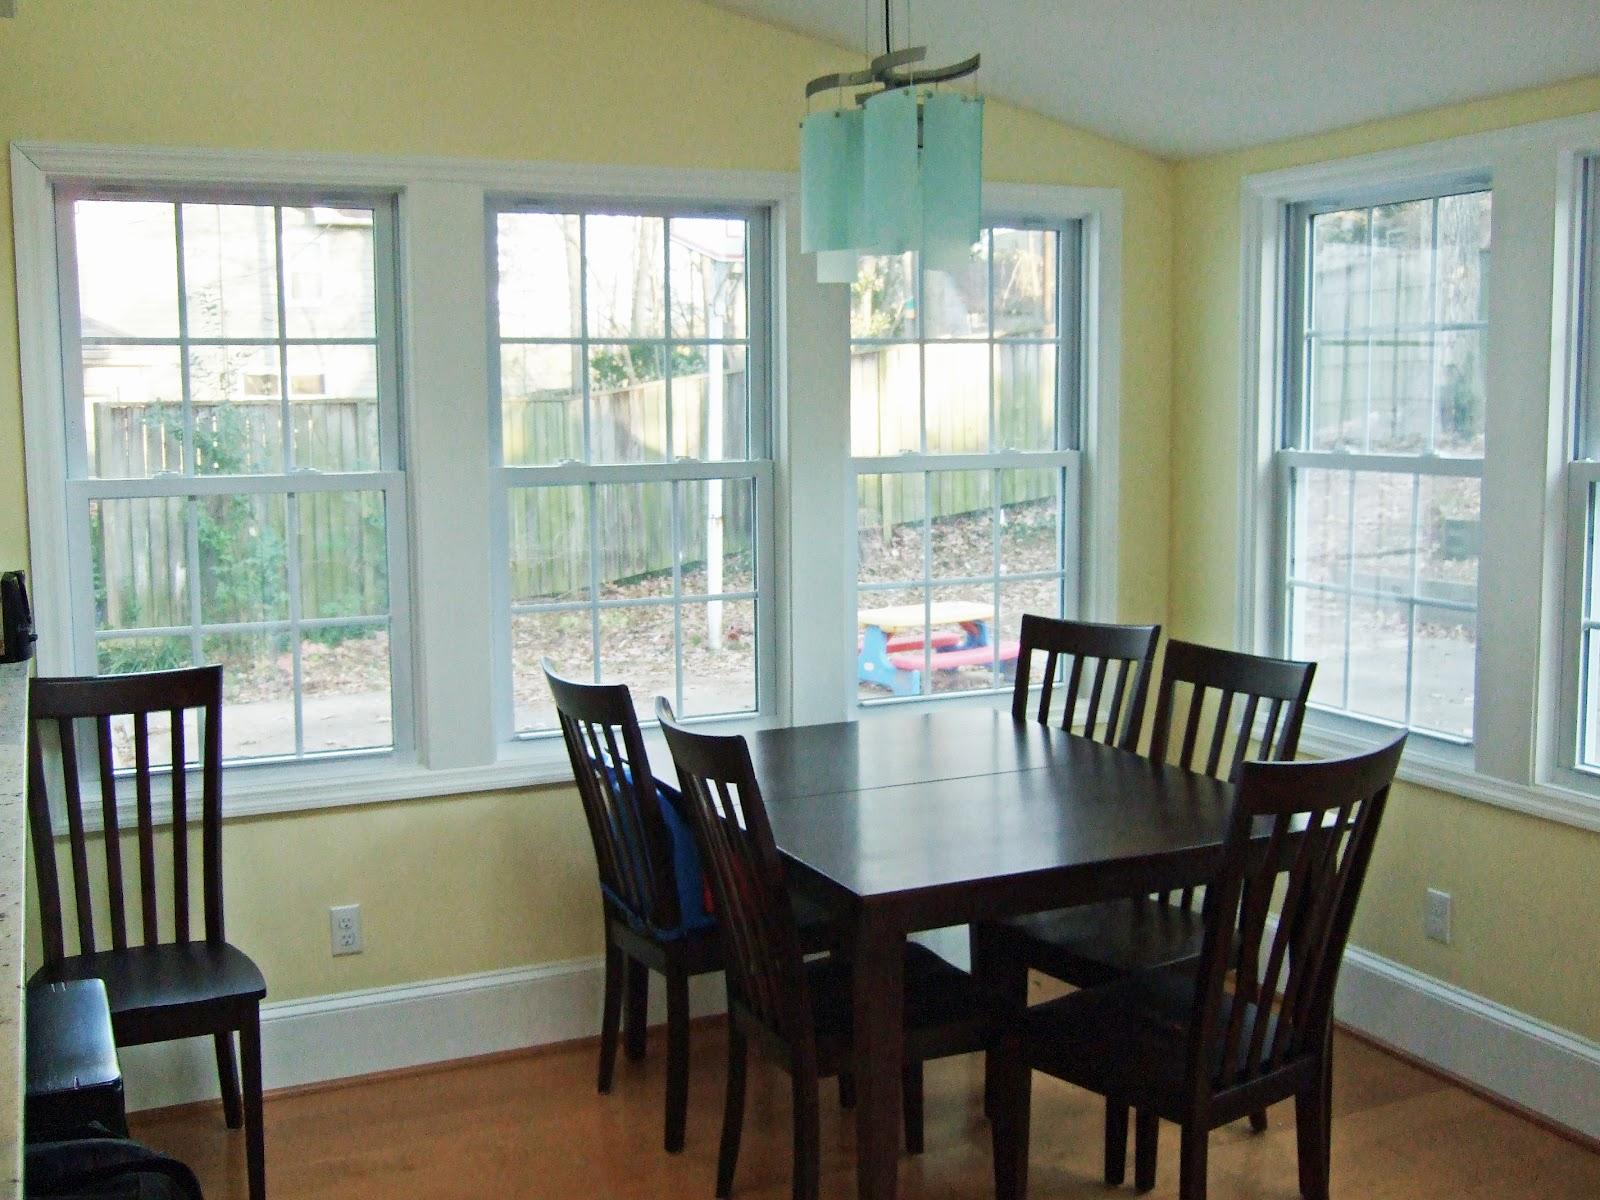 W.D. Osborne Design & Construction - (919) 493-2936: Kitchen Design ...